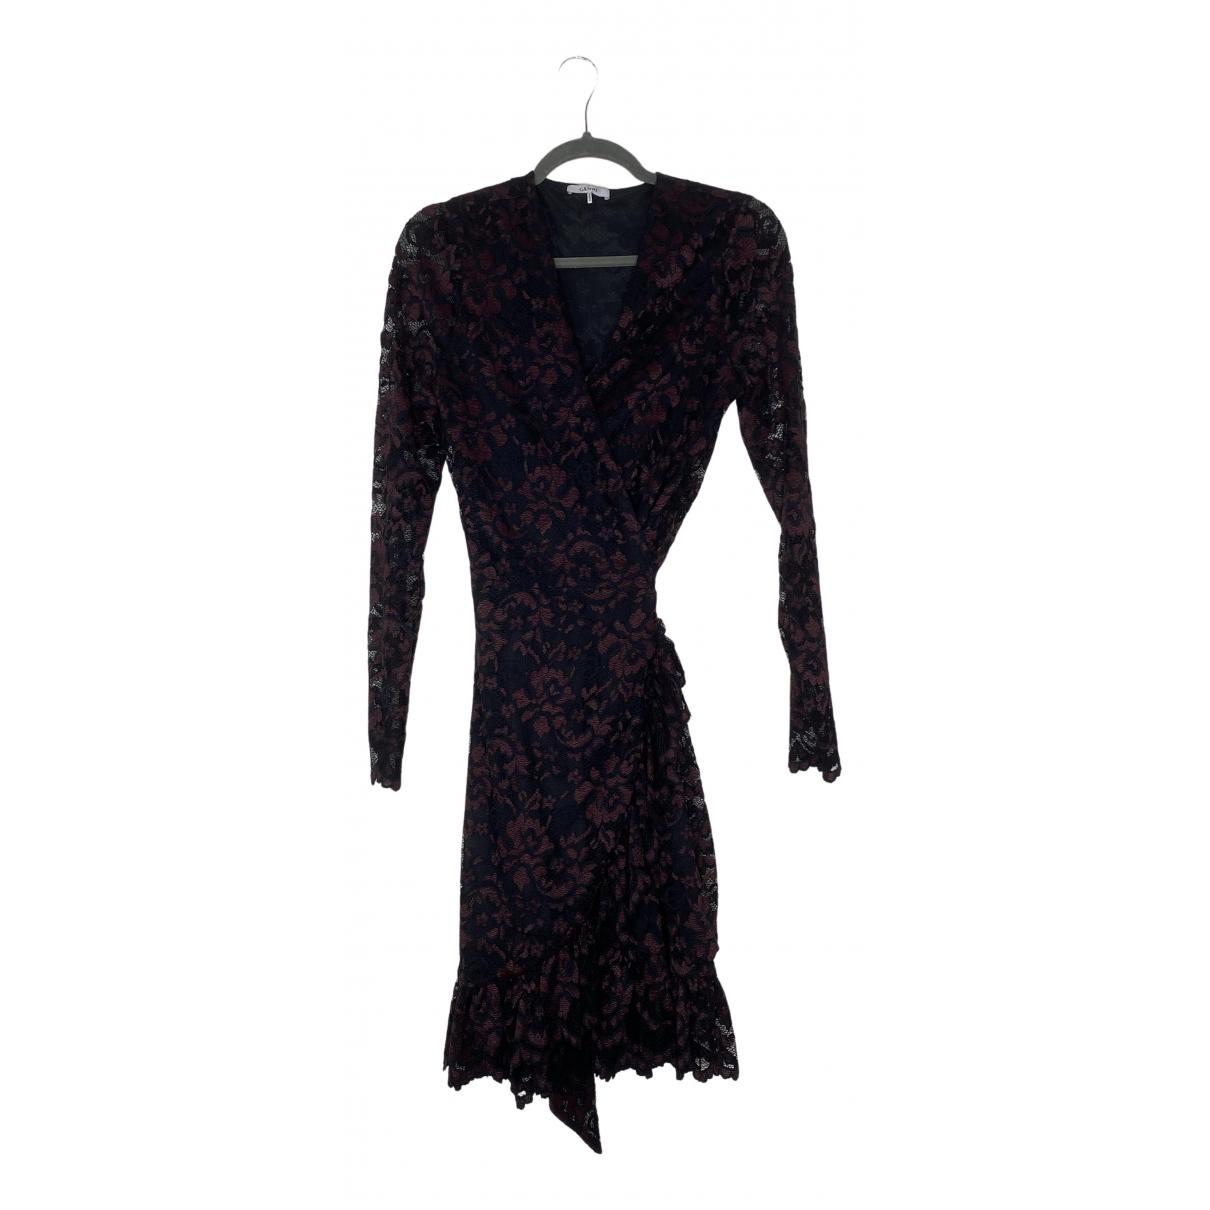 Ganni \N Kleid in  Bordeauxrot Spitze